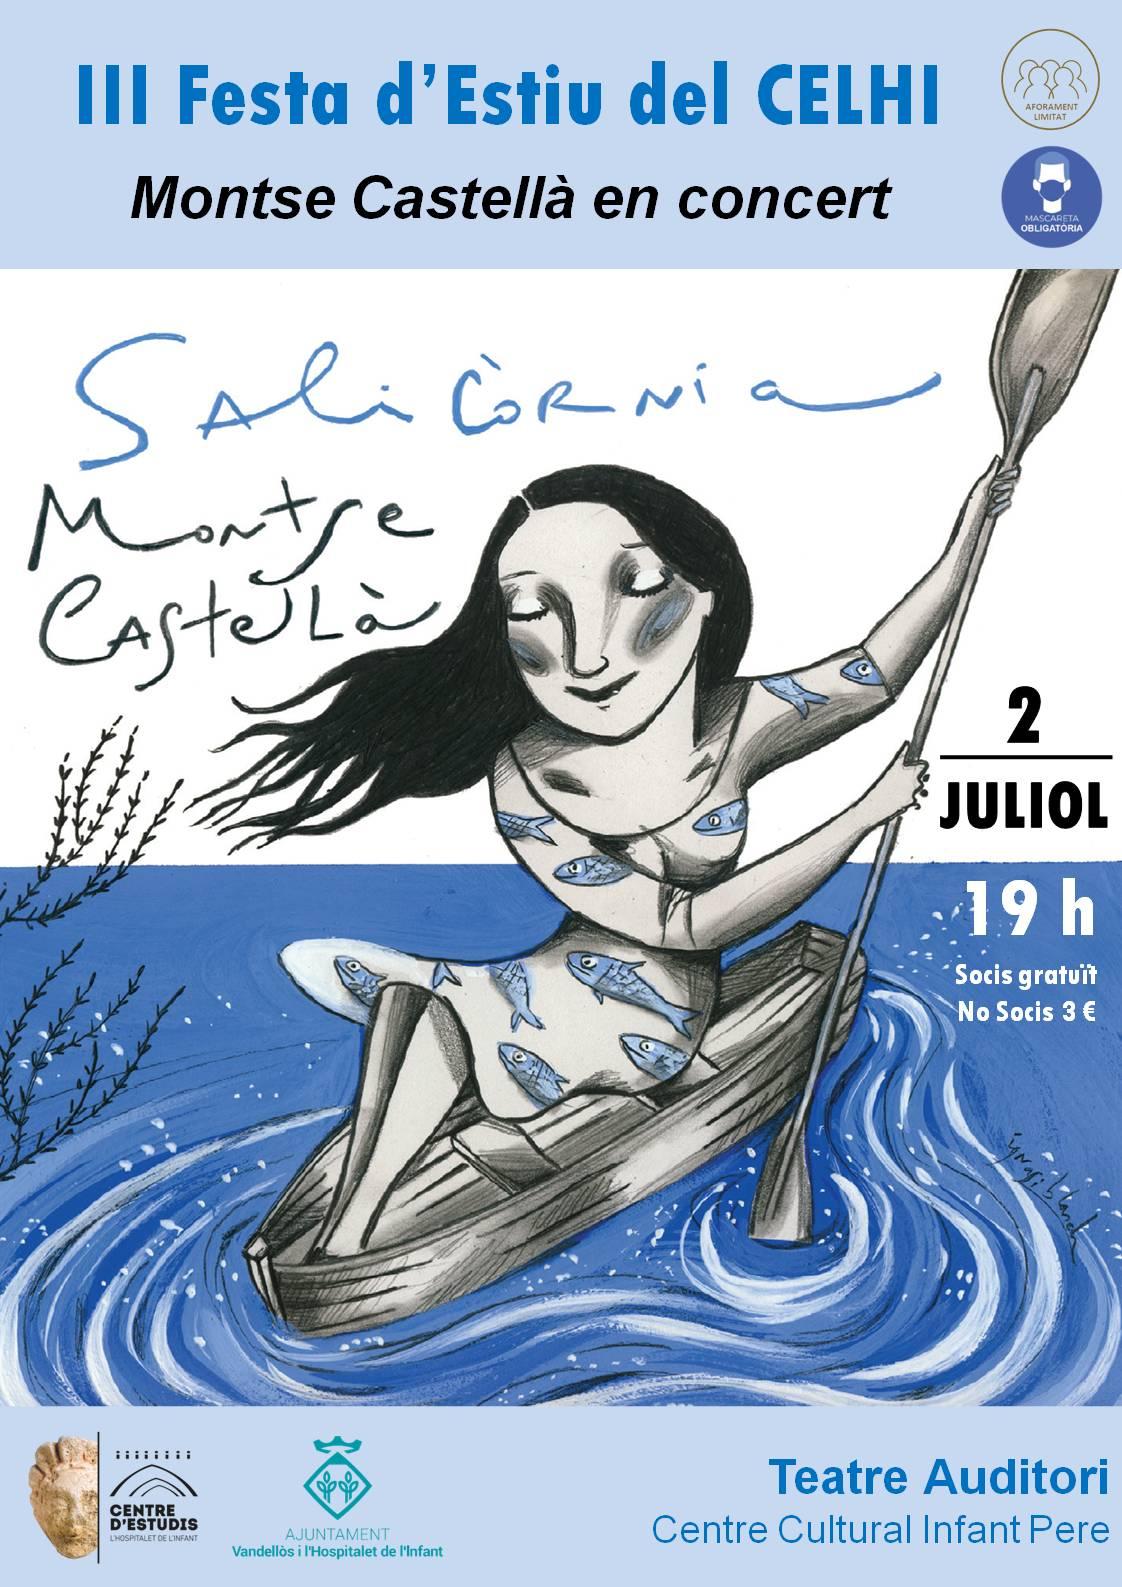 Concert de Montse Castellà / 02-07-2021, a les 19 h, al Teatre-Auditori de l'Hospitalet de l'Infant